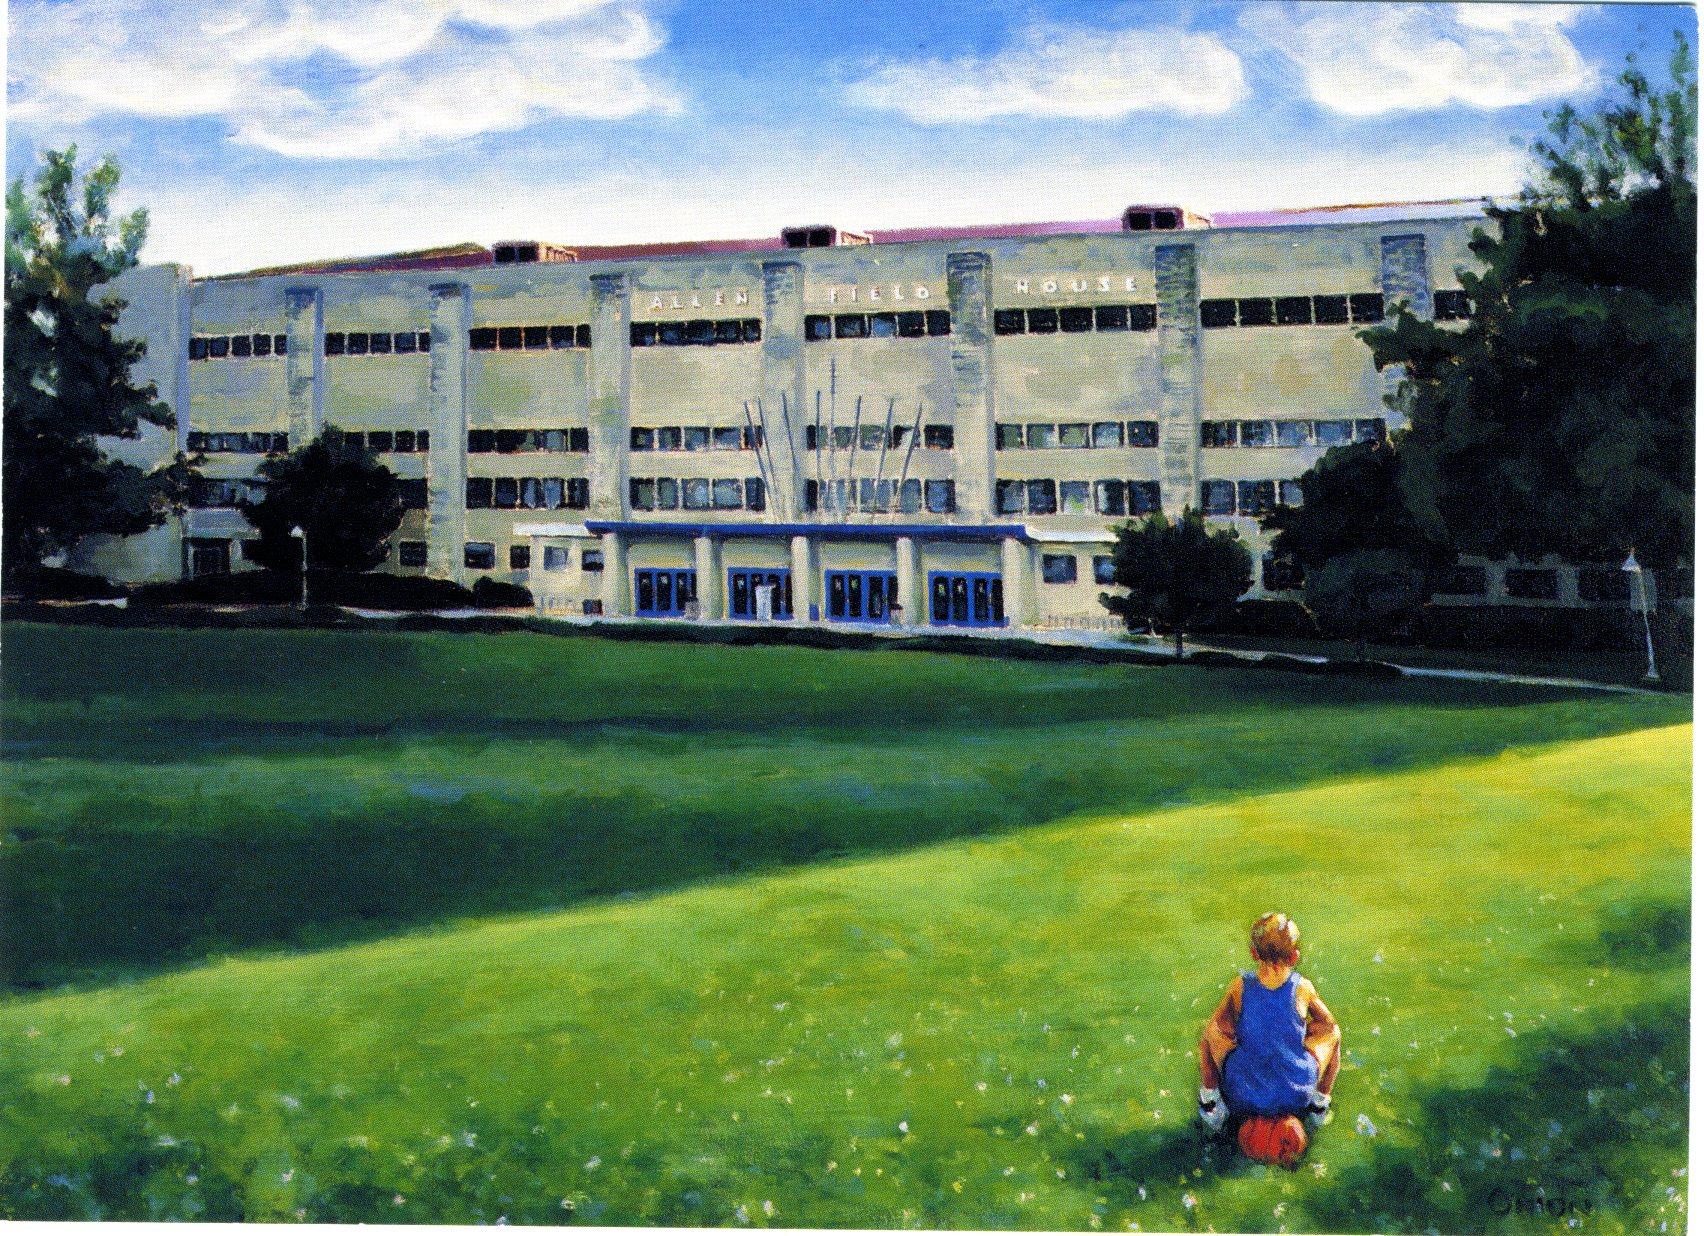 University of Kansas's Allen Field House Painting